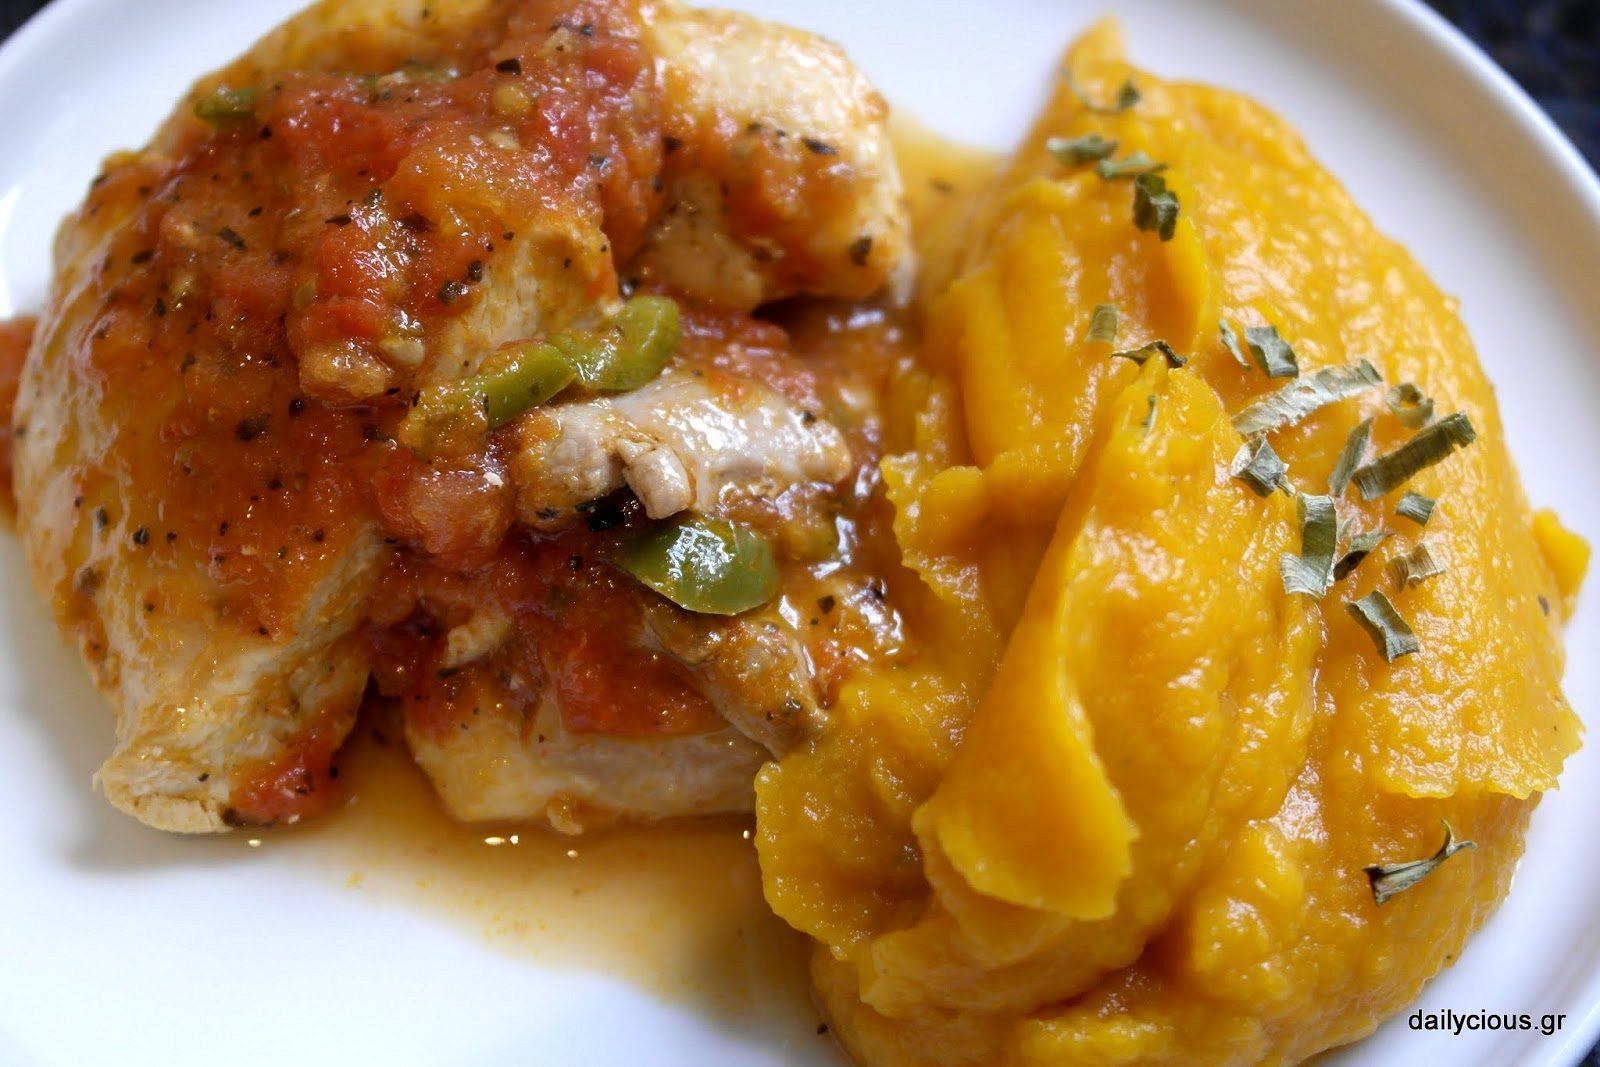 Το κοτόπουλο ταιριάζει ωραία με πουρέ γλυκοπατάτας.